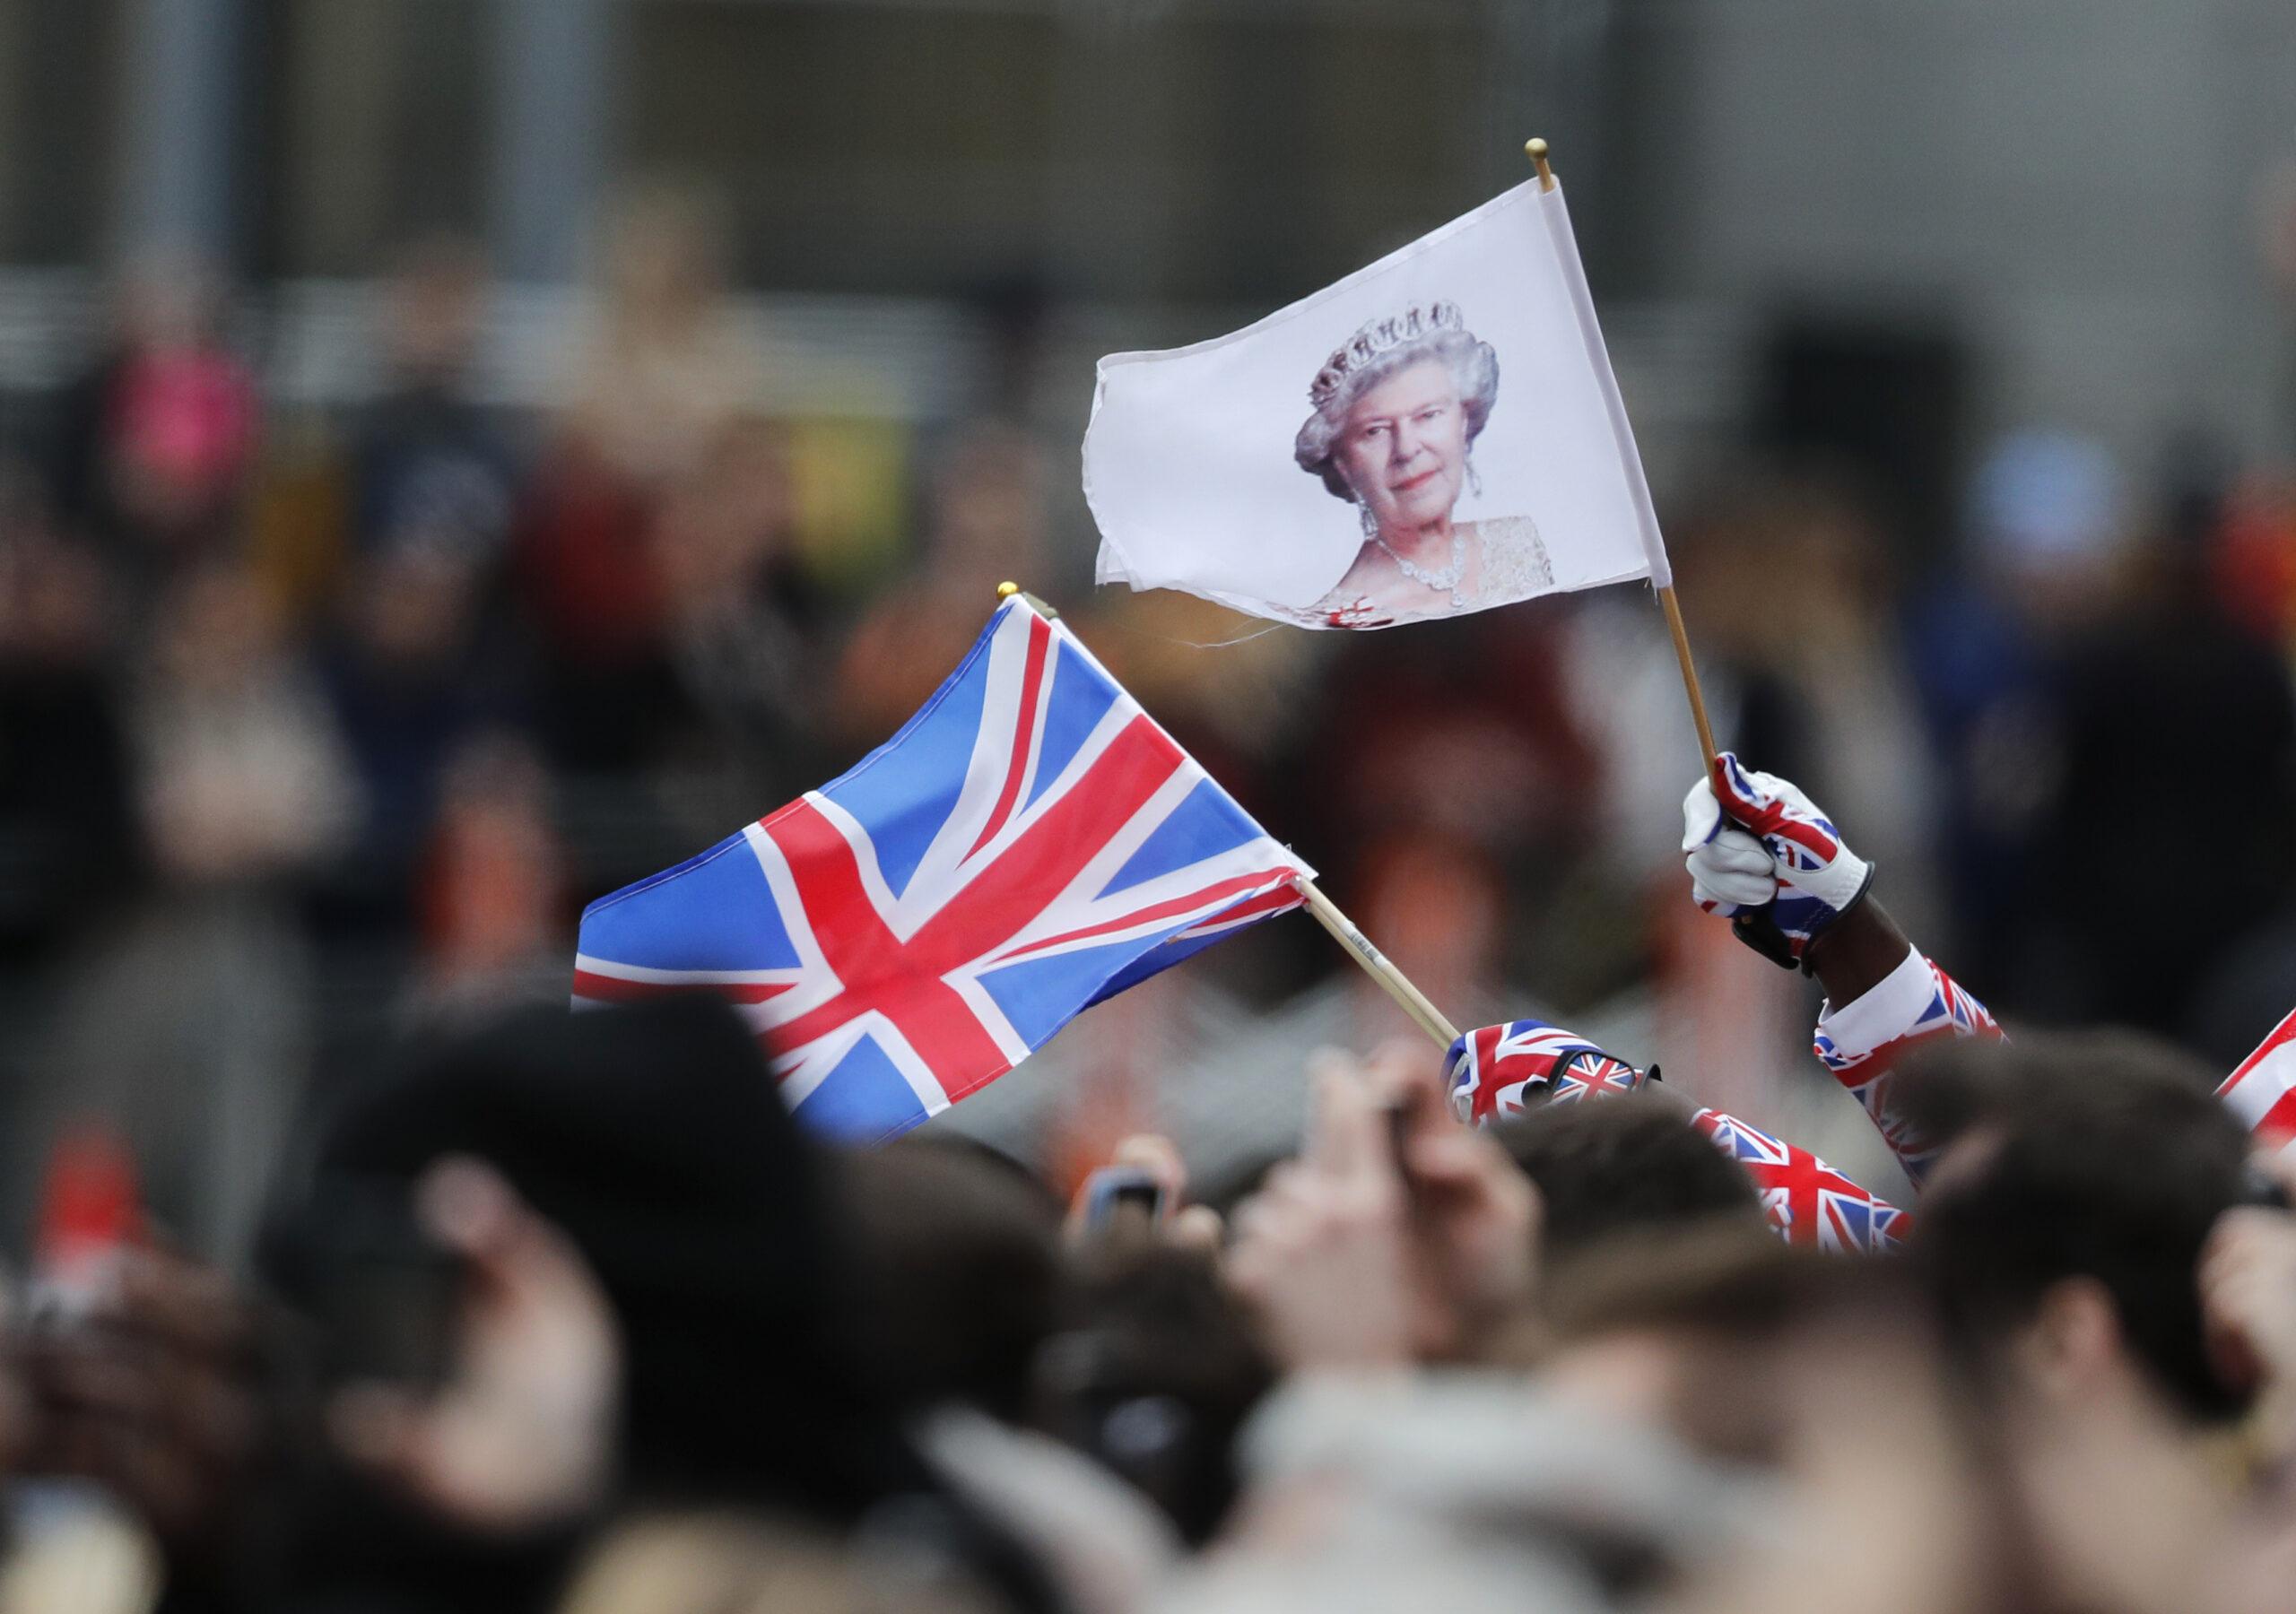 Scandali, diritti umani, leadership: il Commonwealth si sta sgretolando?